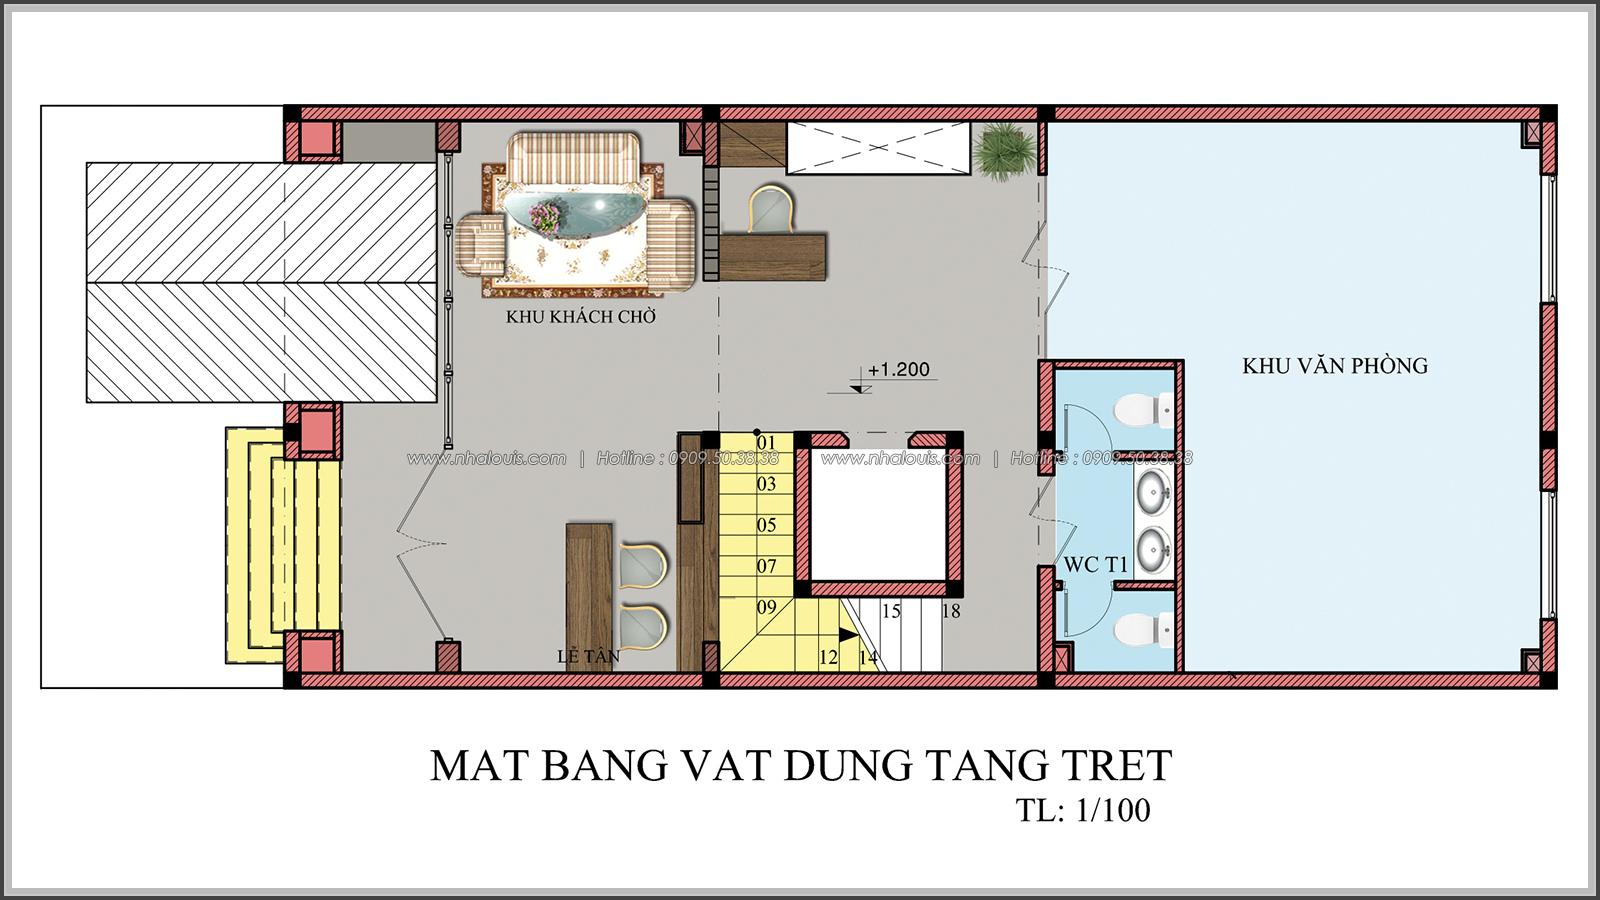 Đẳng cấp thiết kế penthouses với nội thất cực chất anh Kim quận Tân Bình - 4